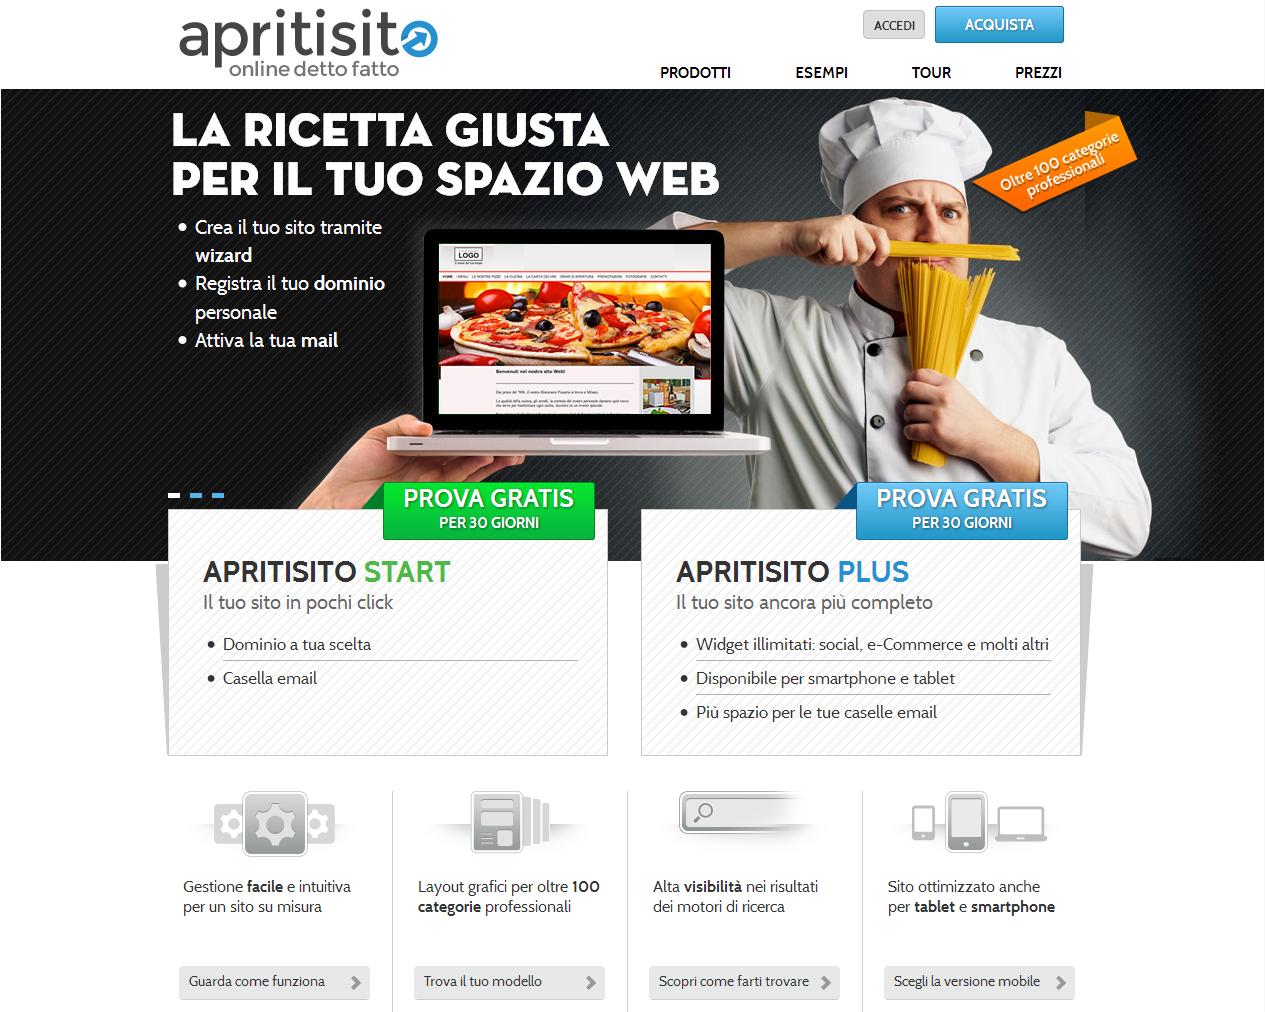 Apritisito – eCommerce di servizi digitali